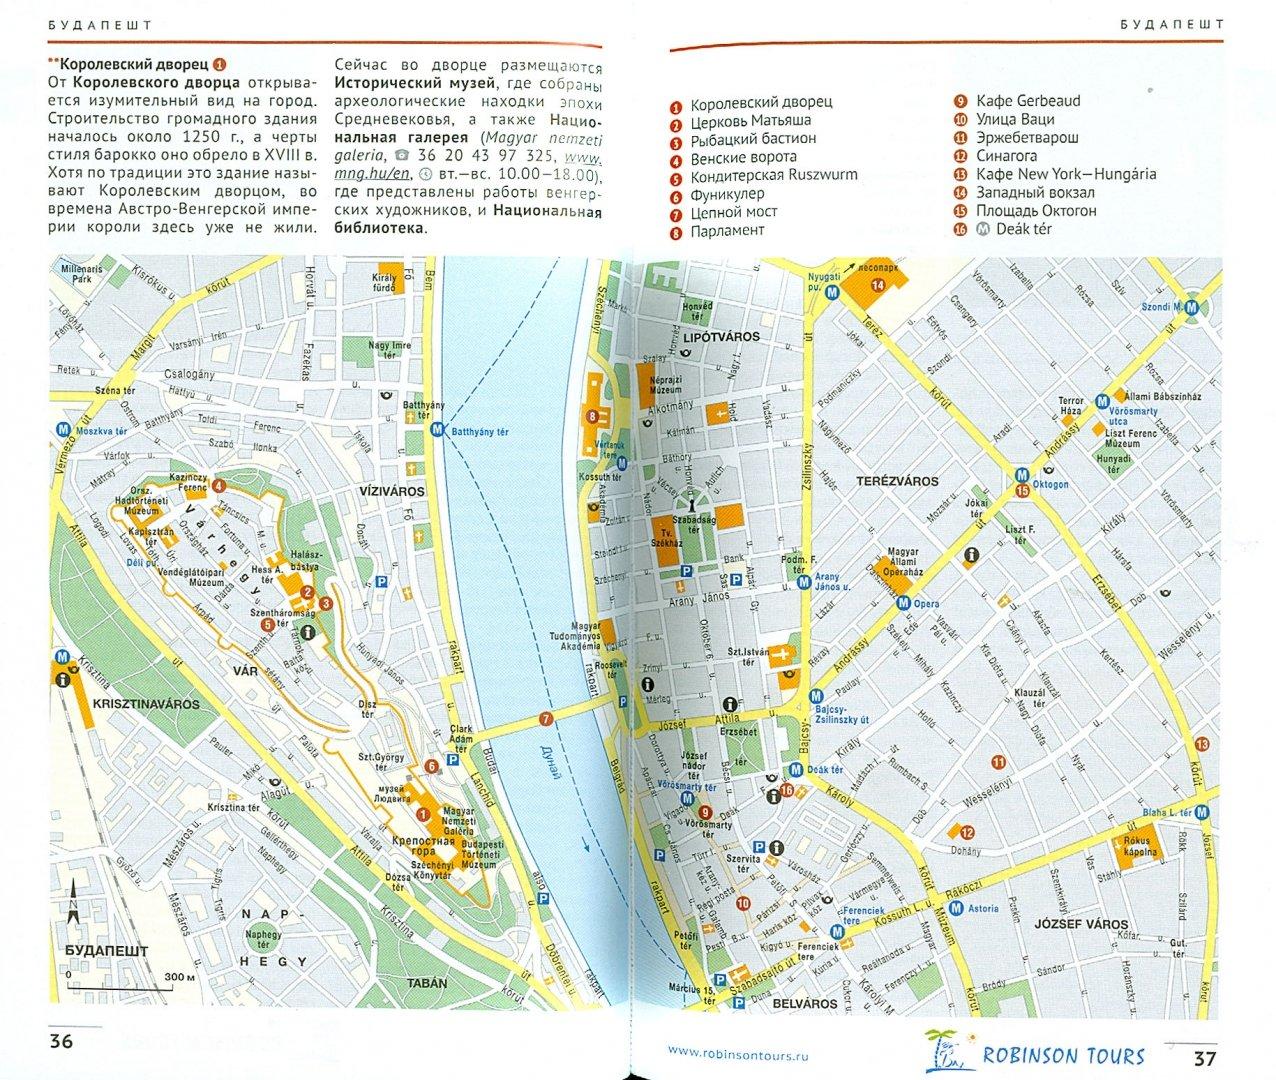 Иллюстрация 1 из 6 для Венгрия (с мини-разговорником). пУТЕВОДИТЕЛЬ - Михаэль Хэрл | Лабиринт - книги. Источник: Лабиринт